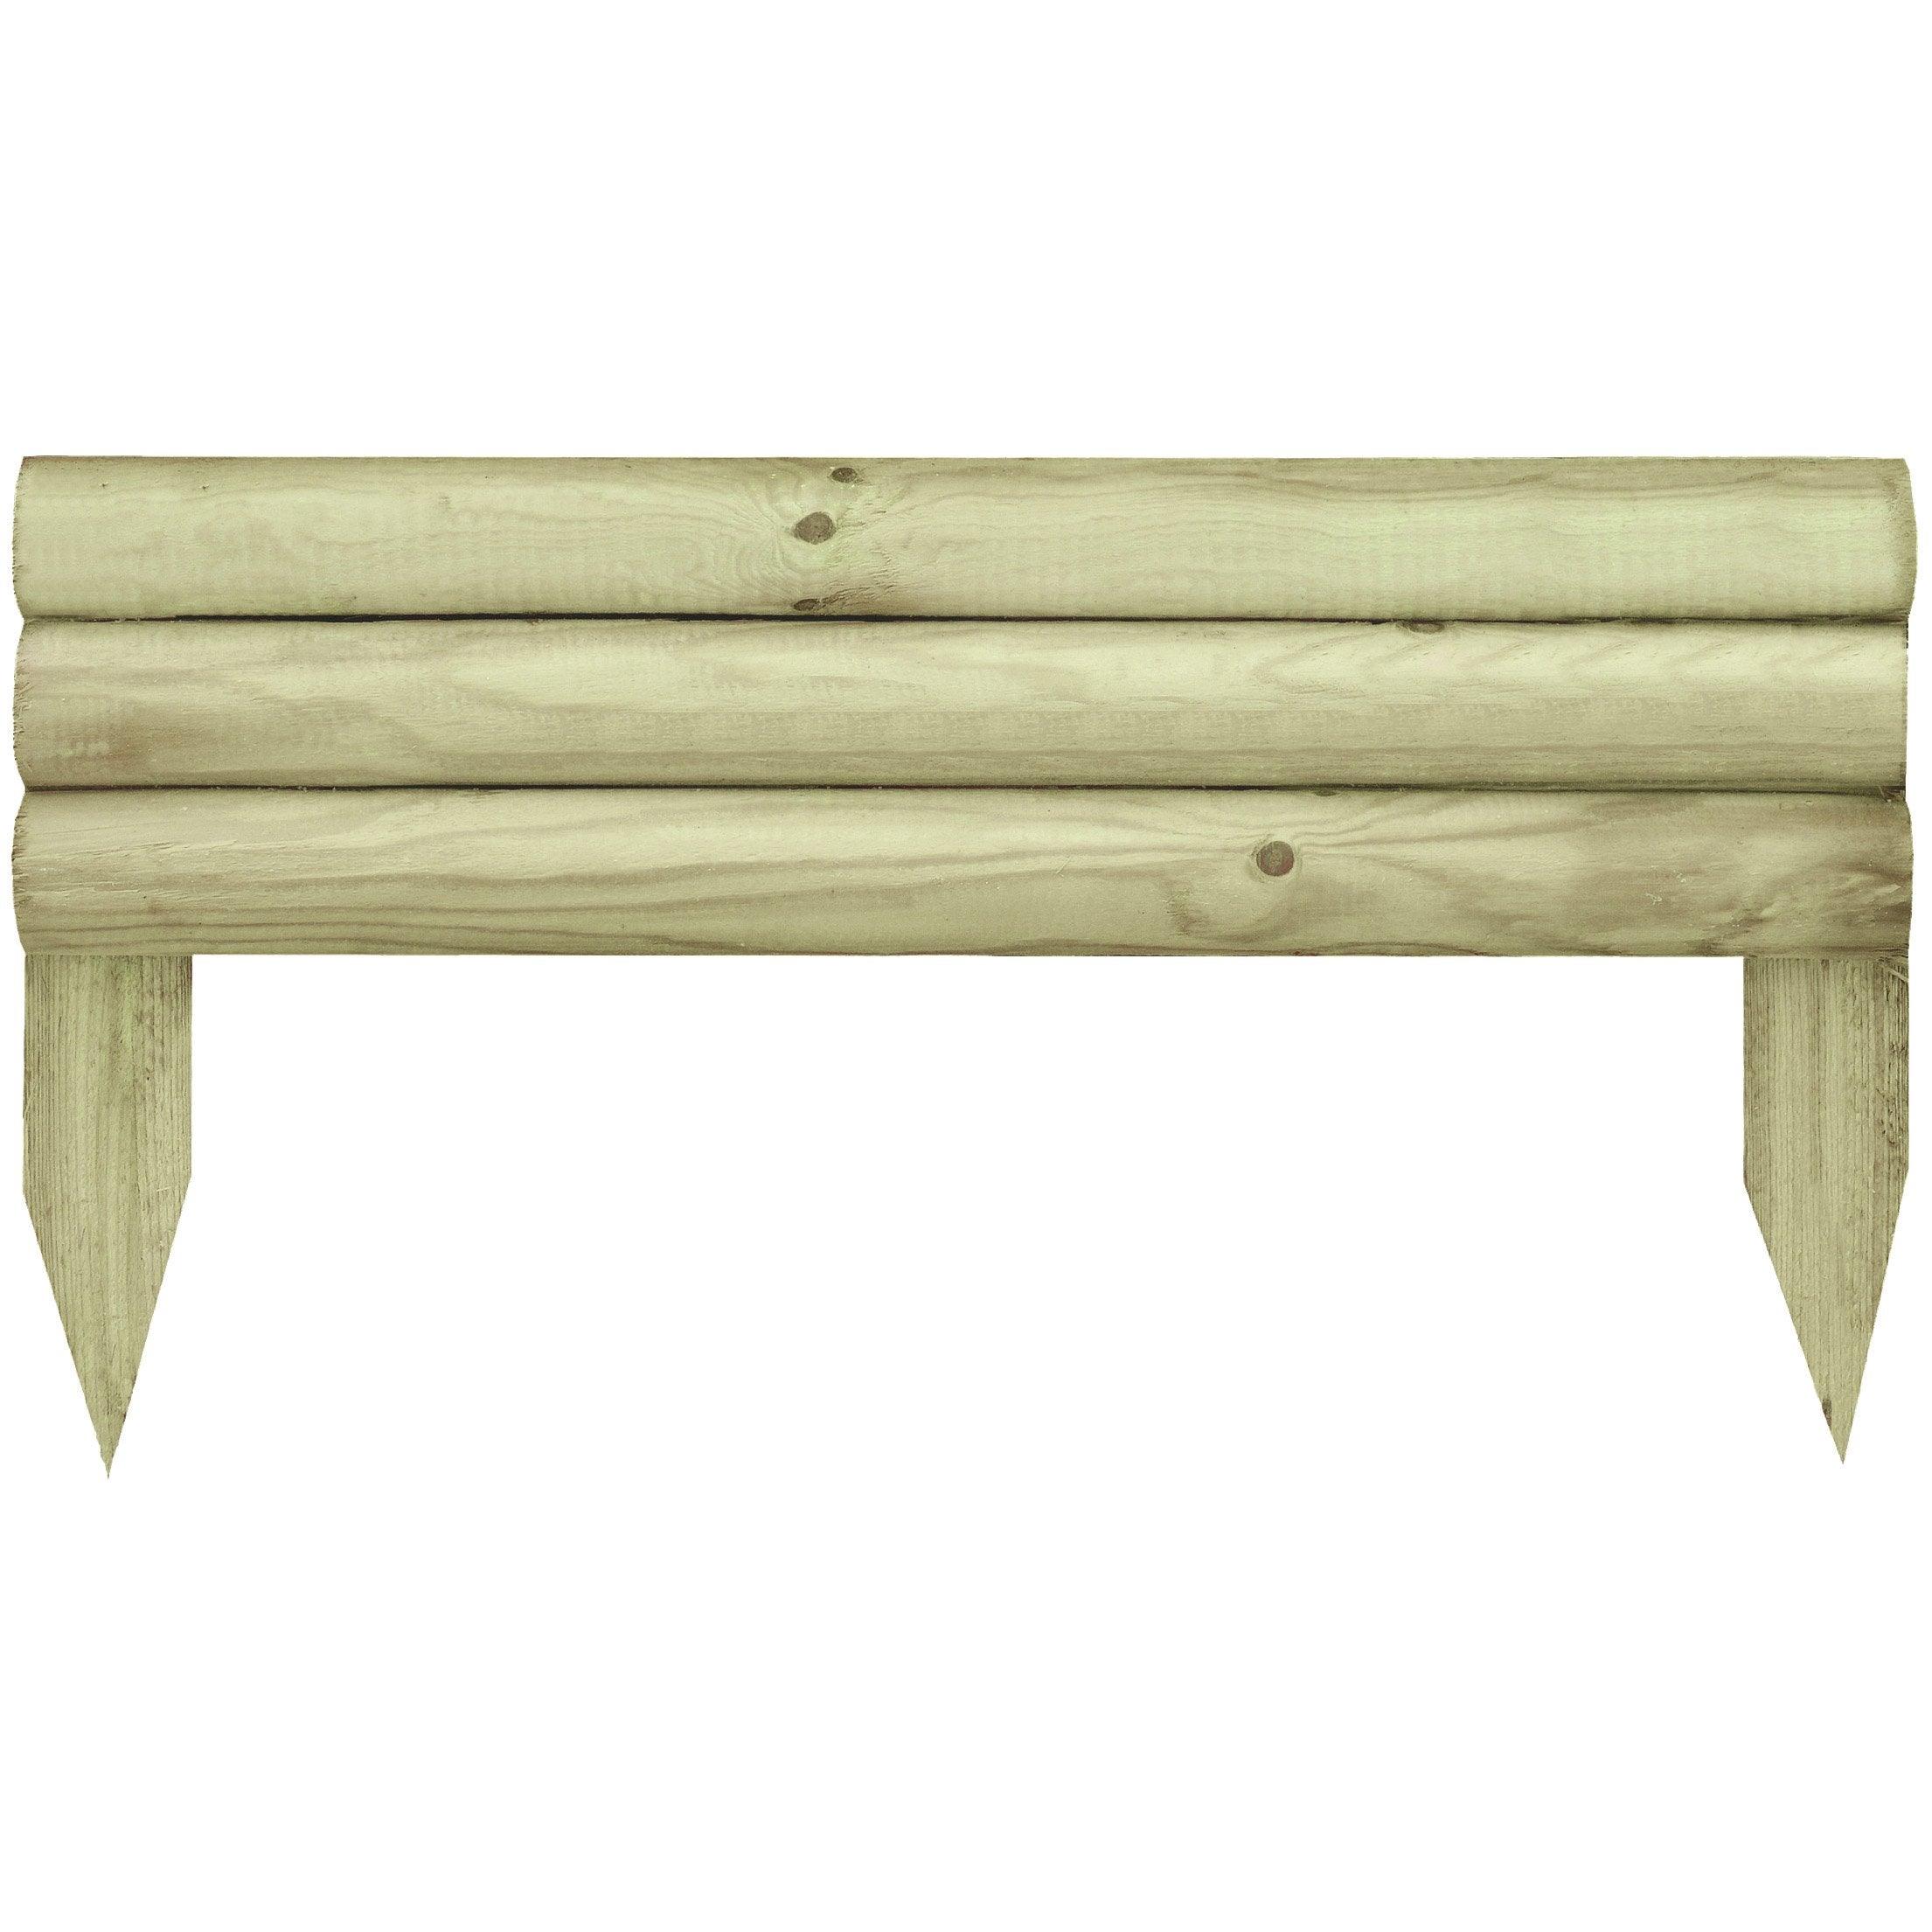 Bordure à planter Minitraverse bois naturel, H.30 x L.55 cm